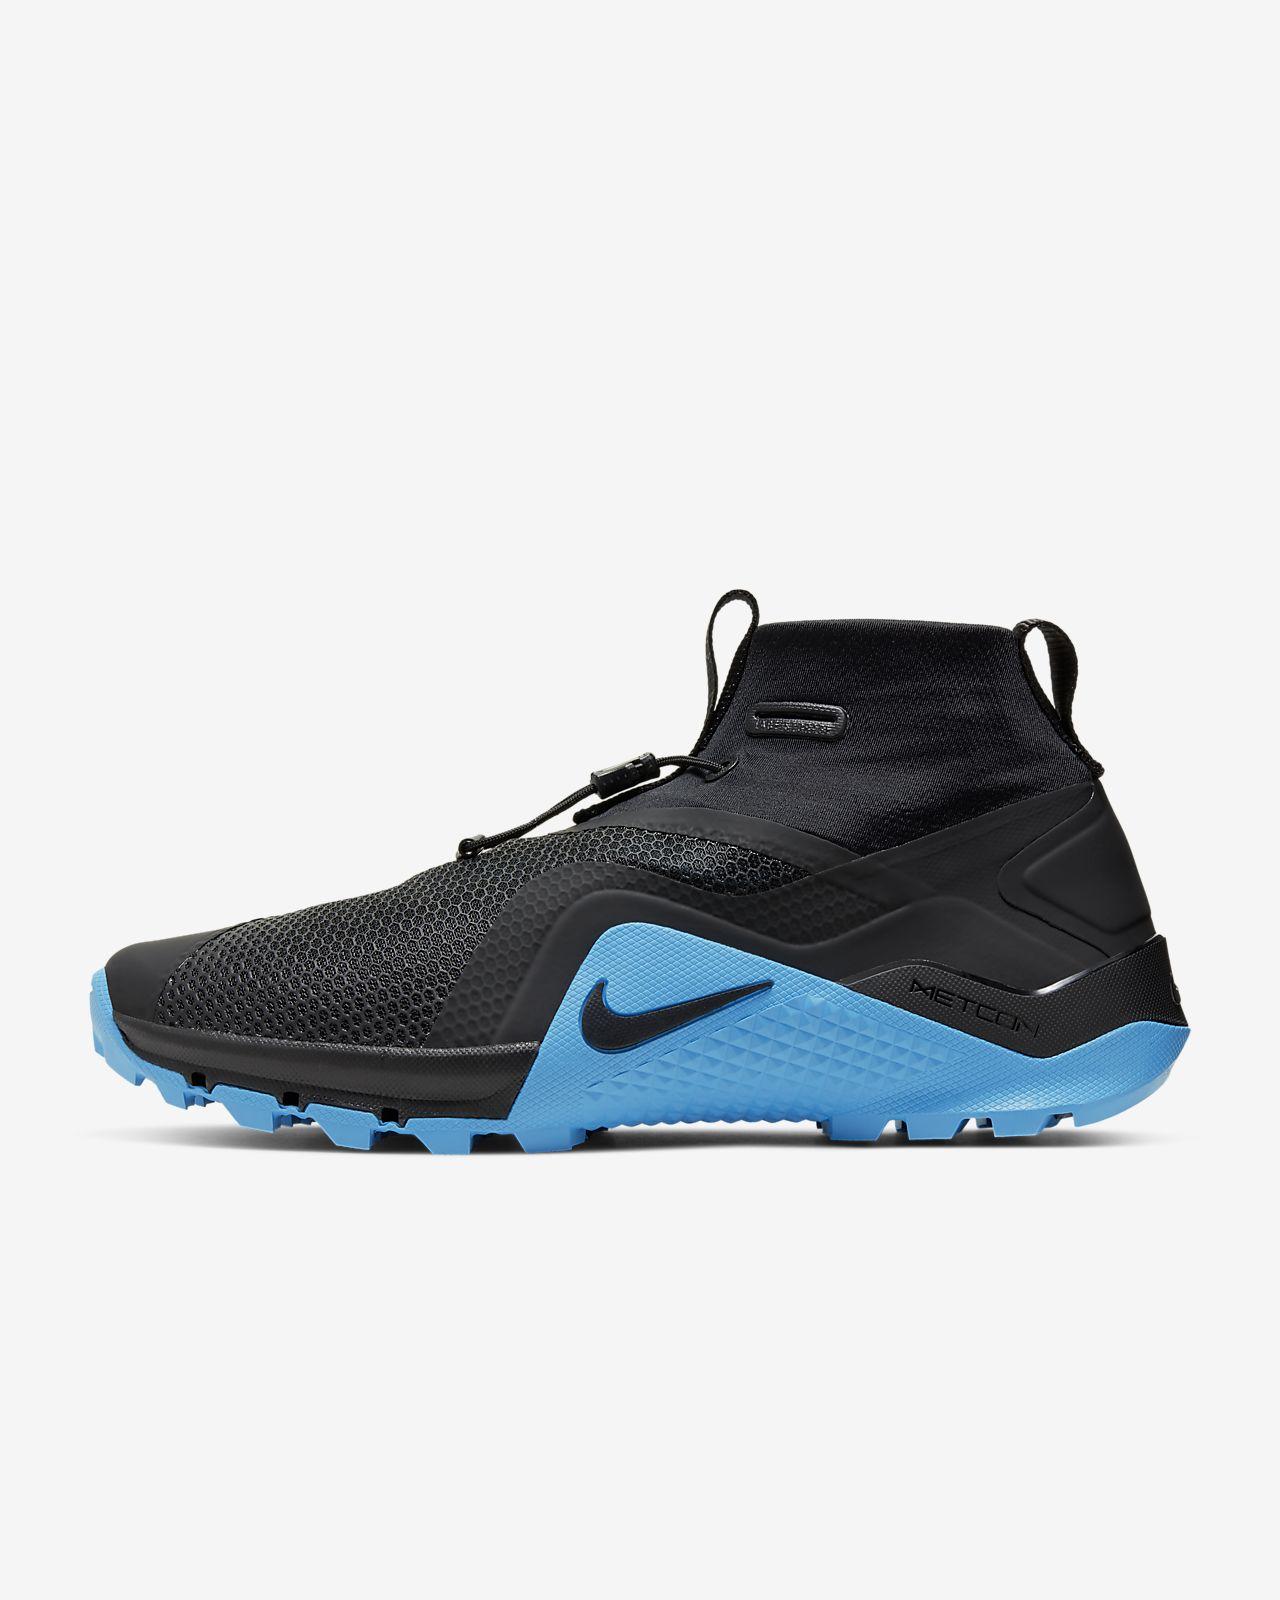 Tréninková bota Nike MetconSF